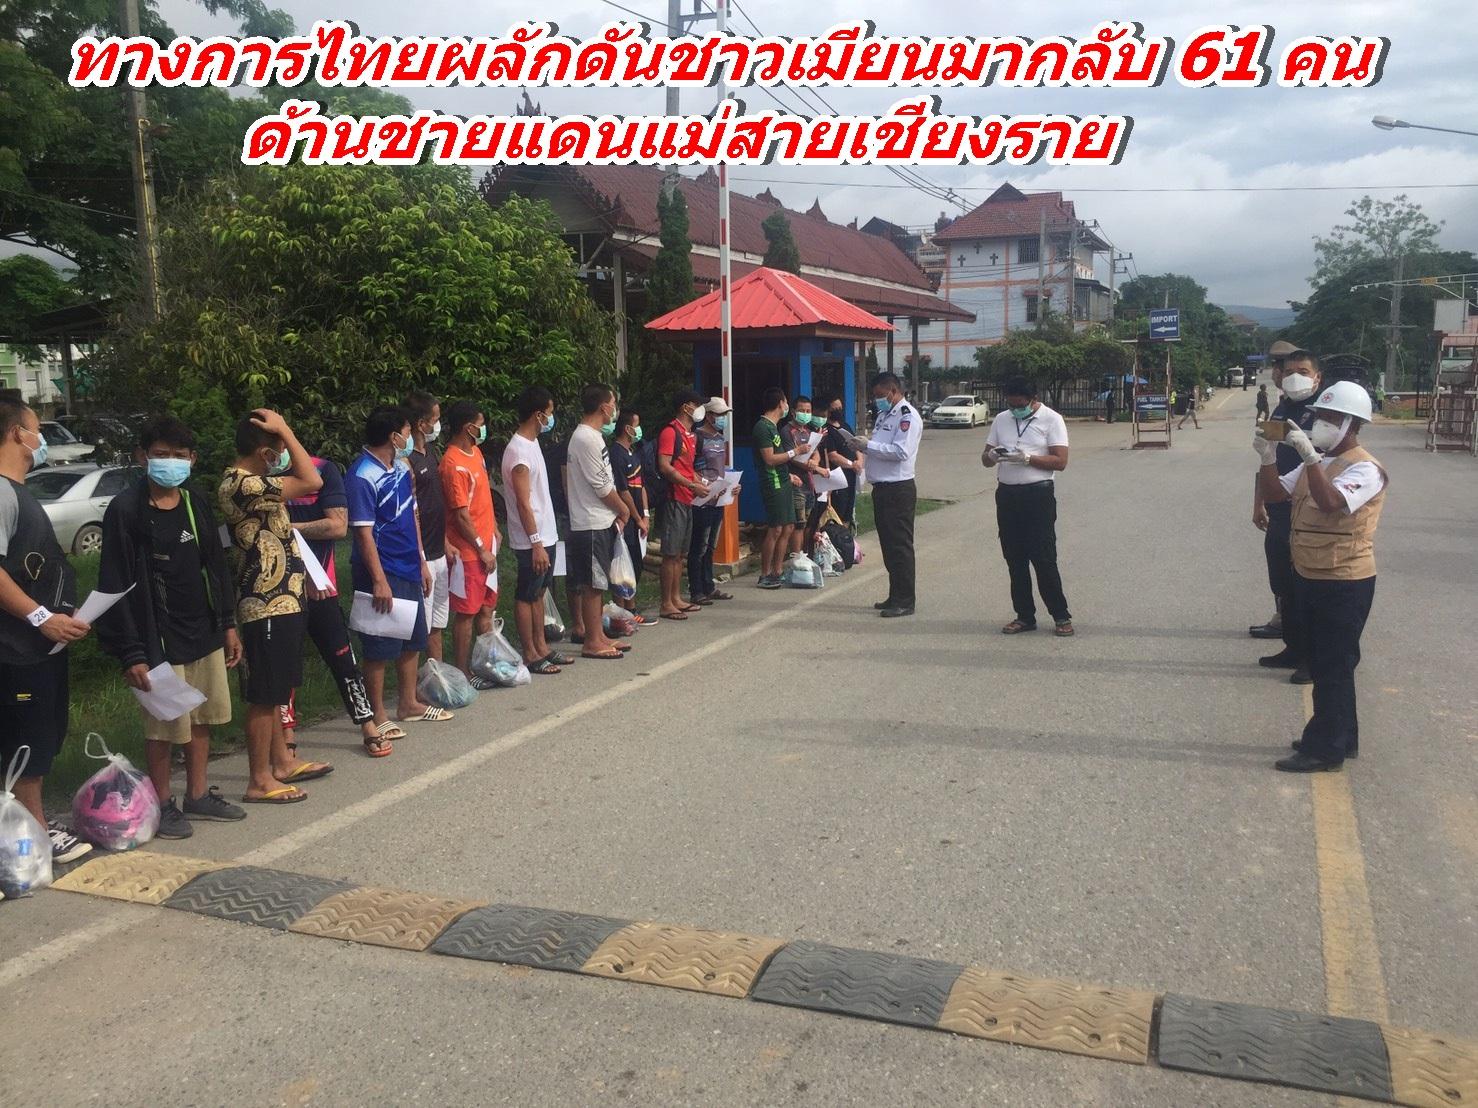 ทางการไทยผลักดันชาวเมียนมากลับ 61 คน ด้านชายแดนแม่สายเชียงราย